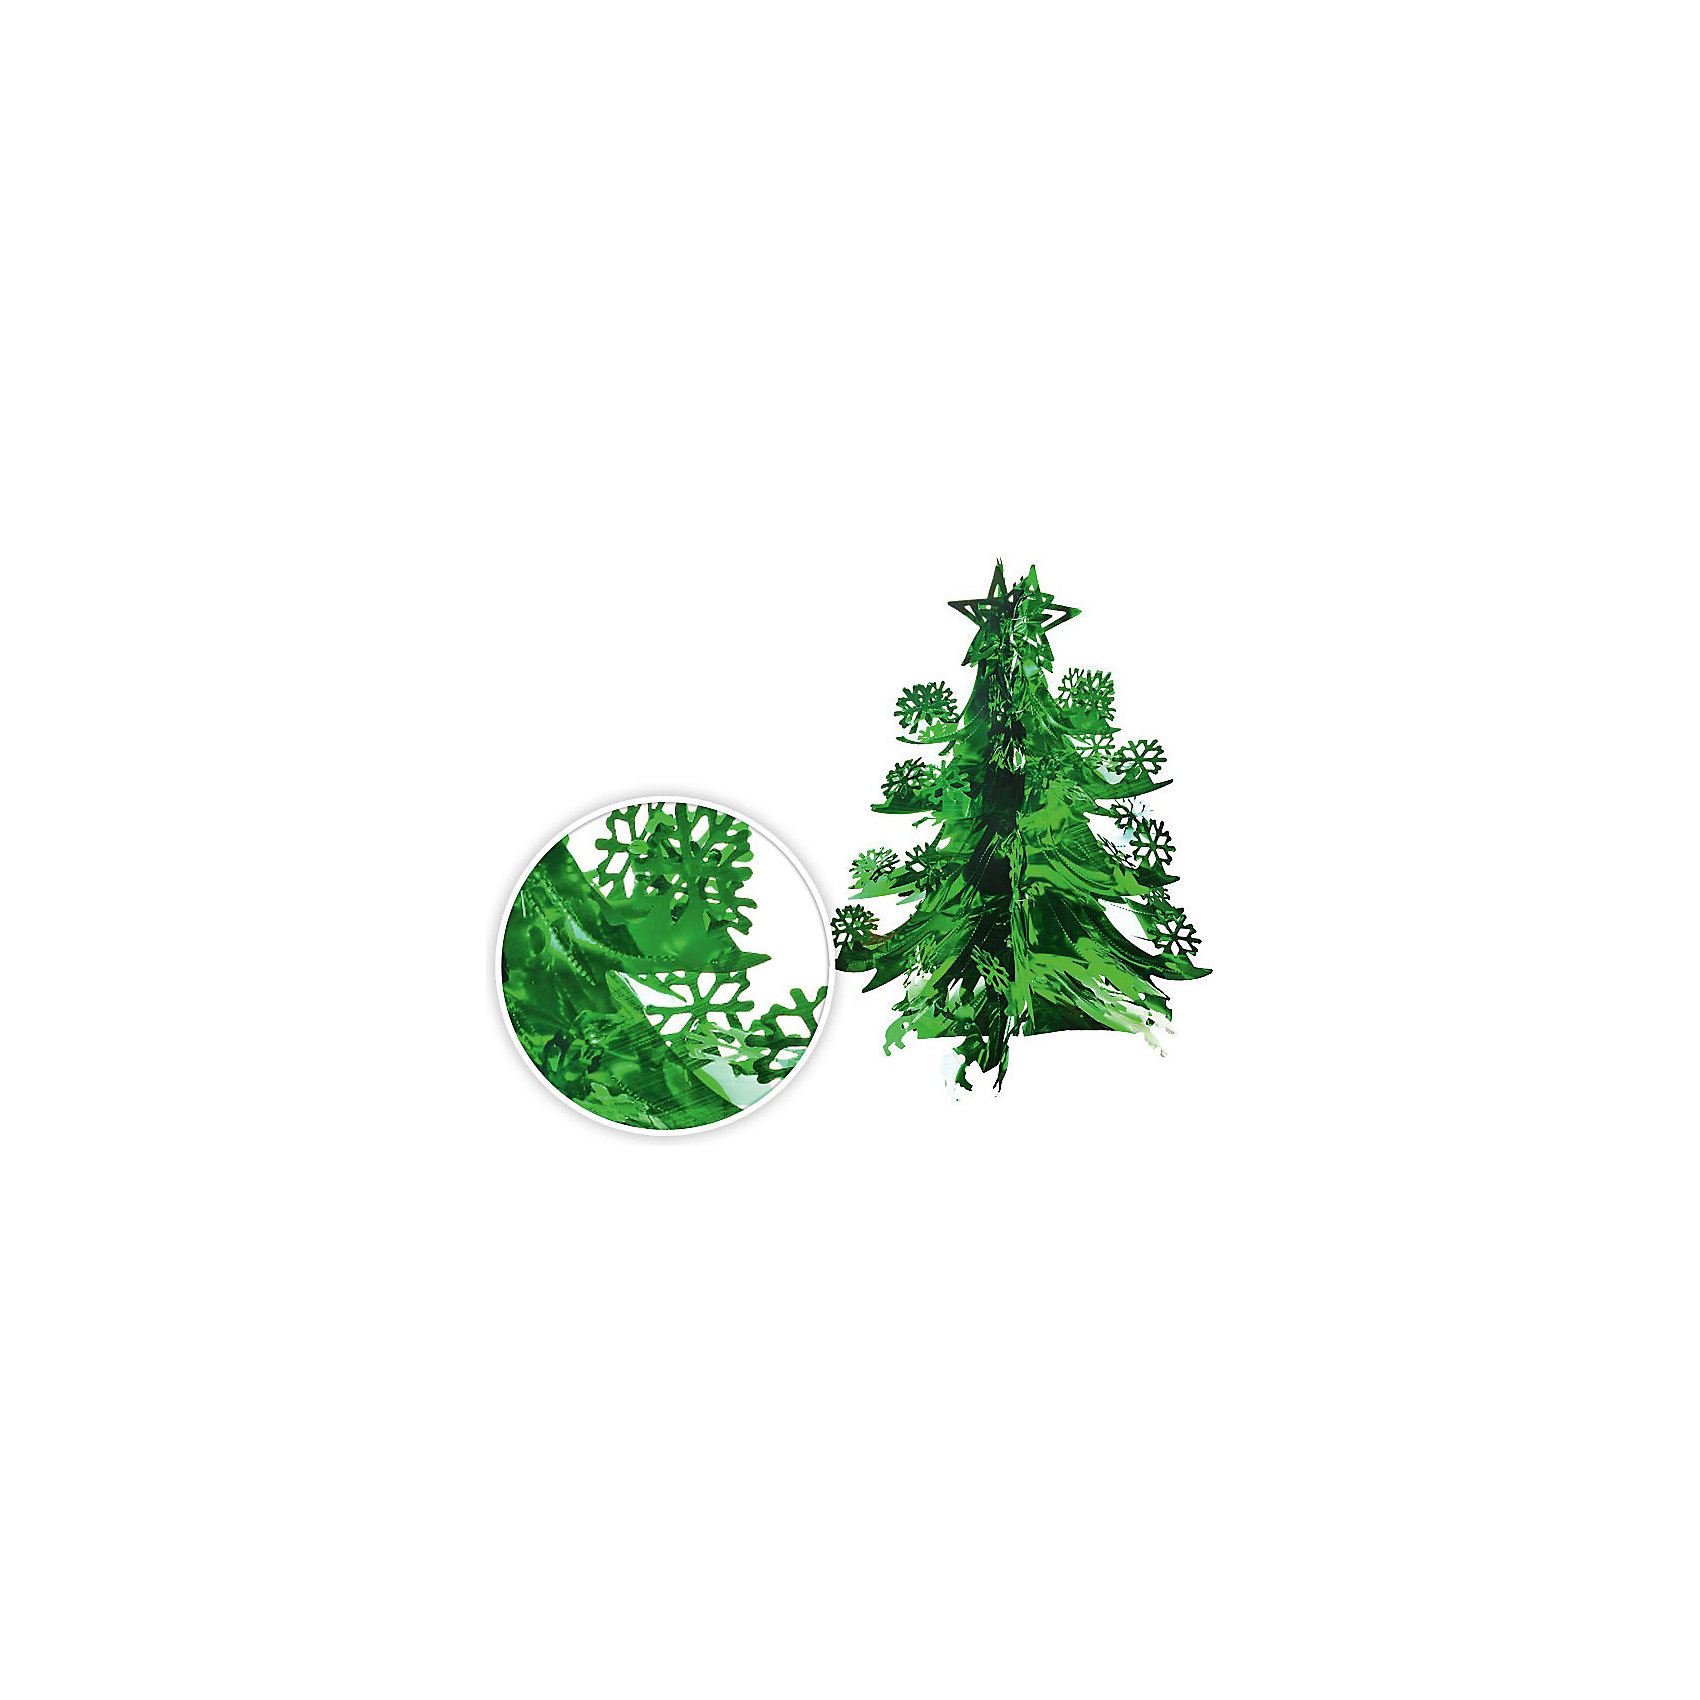 Украшение фольгированное Ёлка, TUKZARВсё для праздника<br>Украшение фольгированное Ёлка, Tukzar (Тукзар) замечательно украсит Ваш интерьер и поможет создать волшебную атмосферу новогодних праздников. Нарядная зеленая елочка с ажурными снежинками будет чудесно смотреться в Вашей комнате или детской и радовать детей и взрослых. <br><br>Дополнительная информация:<br><br>- Размер украшения: 47 х 20 см.<br>- Вес: 38 гр. <br><br>Украшение фольгированное Ёлка, Tukzar (Тукзар) можно купить в нашем интернет-магазине.<br><br>Ширина мм: 470<br>Глубина мм: 200<br>Высота мм: 200<br>Вес г: 38<br>Возраст от месяцев: 36<br>Возраст до месяцев: 168<br>Пол: Унисекс<br>Возраст: Детский<br>SKU: 3875852